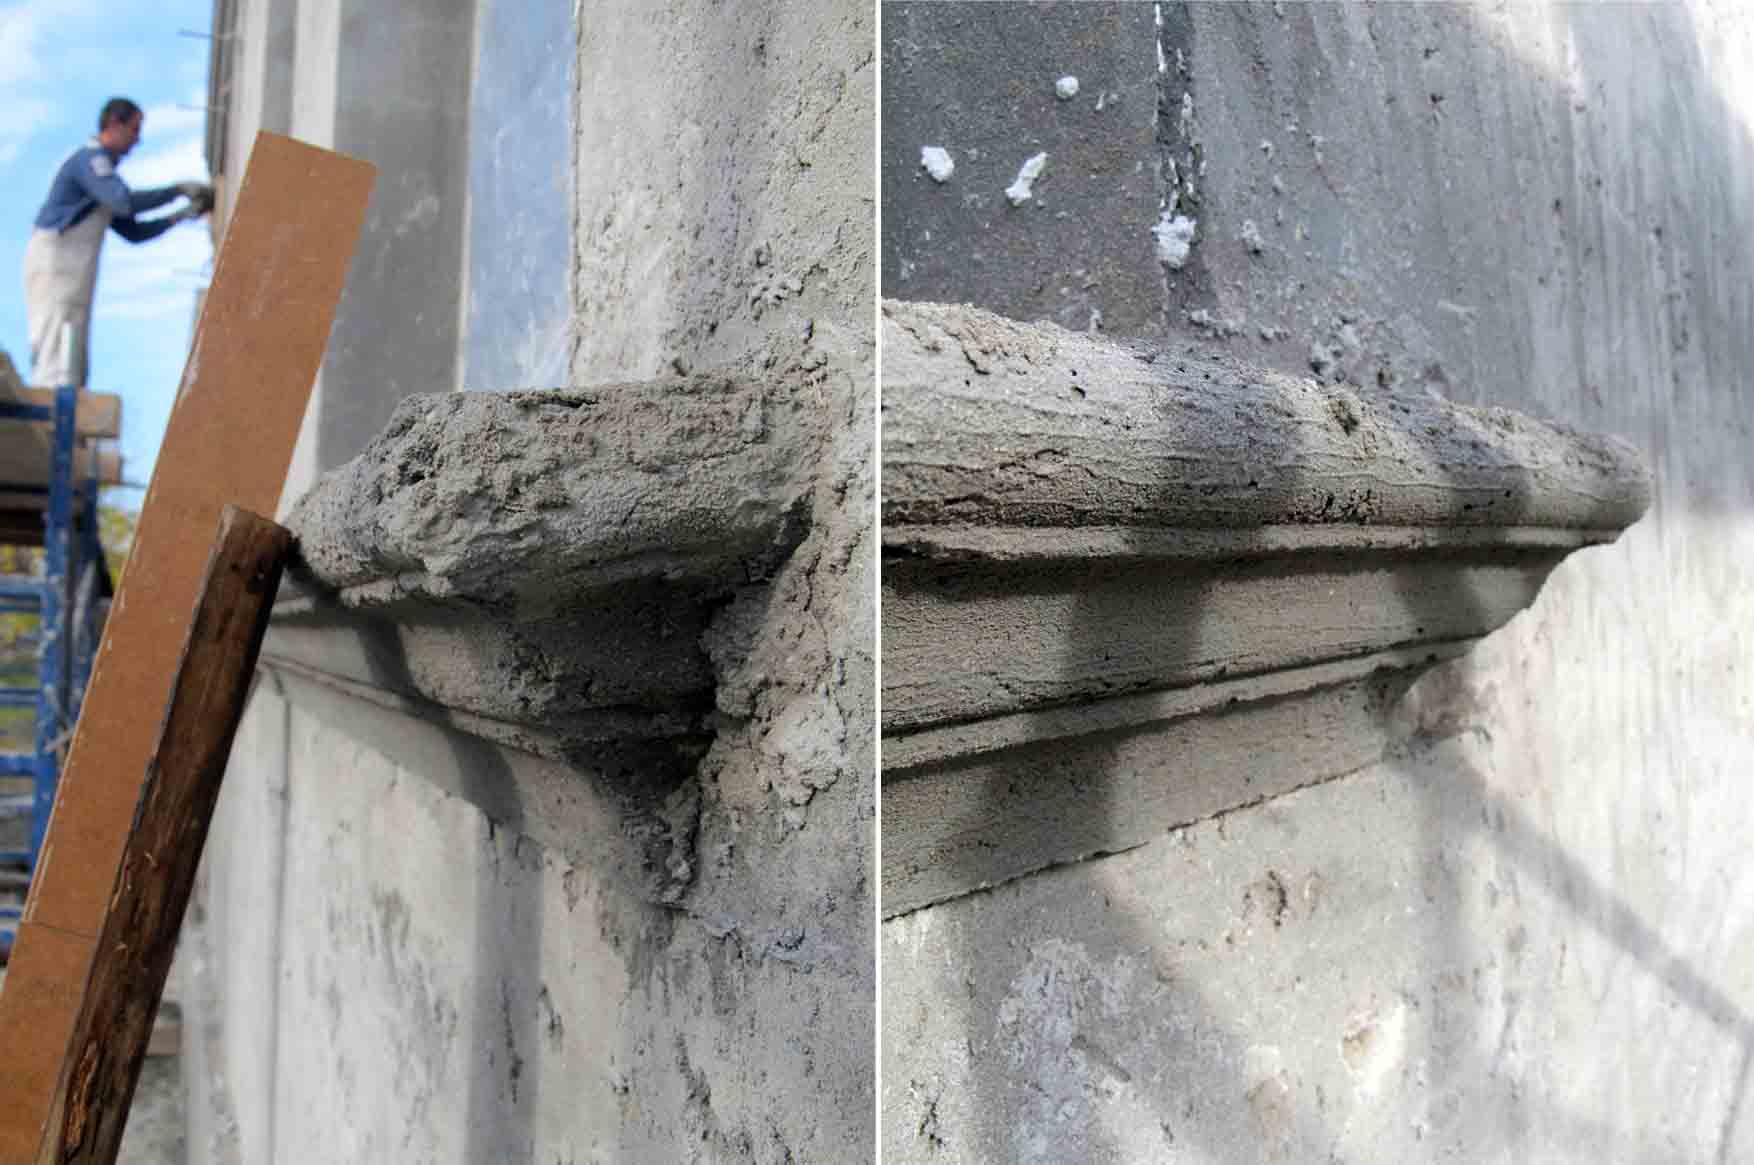 32-mo-krecna-radionica-likorezacki-radovi-sabloni-fasada